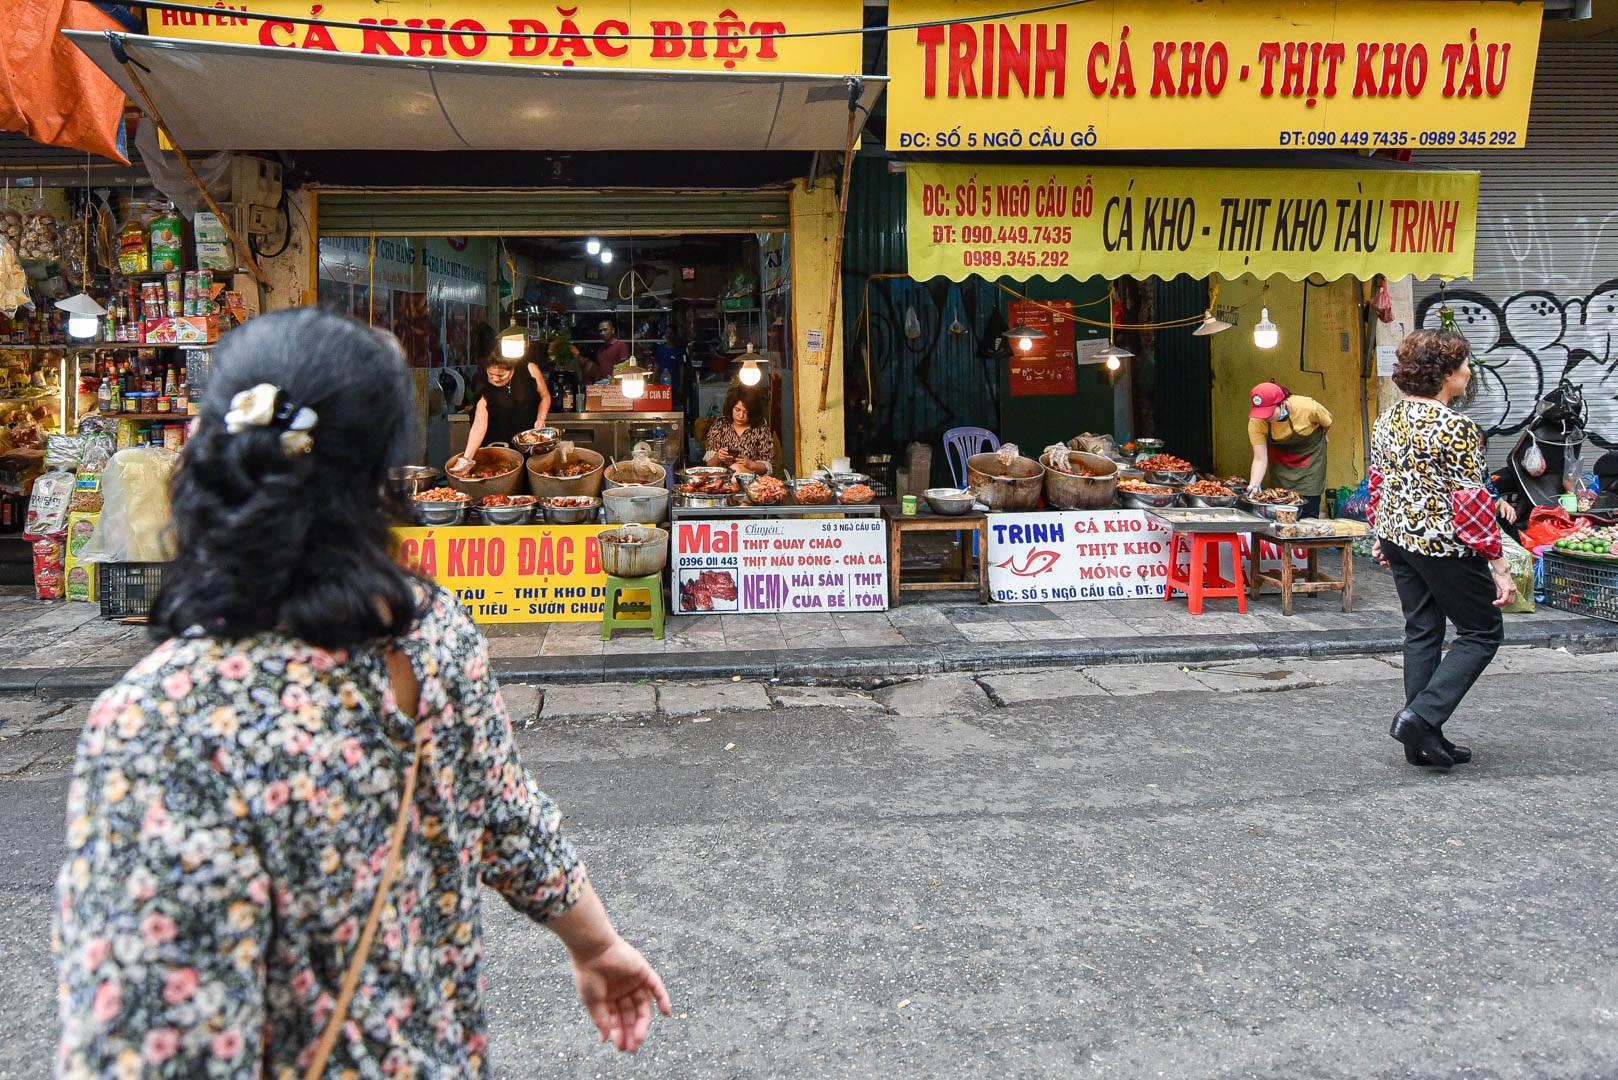 Khu chợ nhà giàu ở Hà Nội, ngày bán hàng trăm cân cá kho - 1